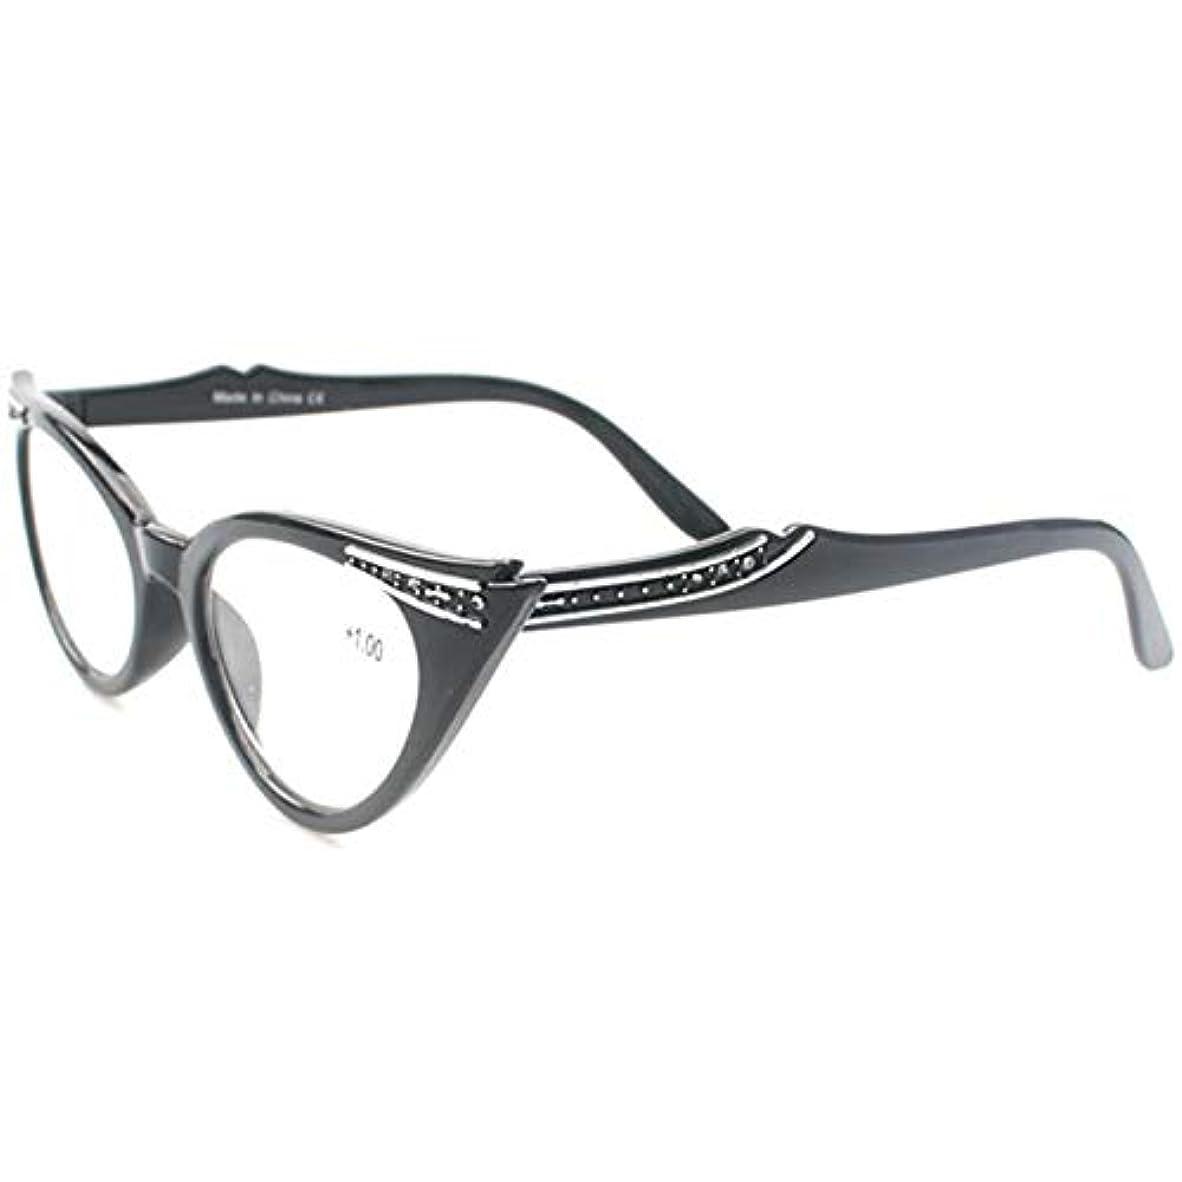 先入観遡る住人FidgetGear 眼鏡女性ヴィンテージキャットアイ読者ラインストーン付きメガネを読む新しい 黒